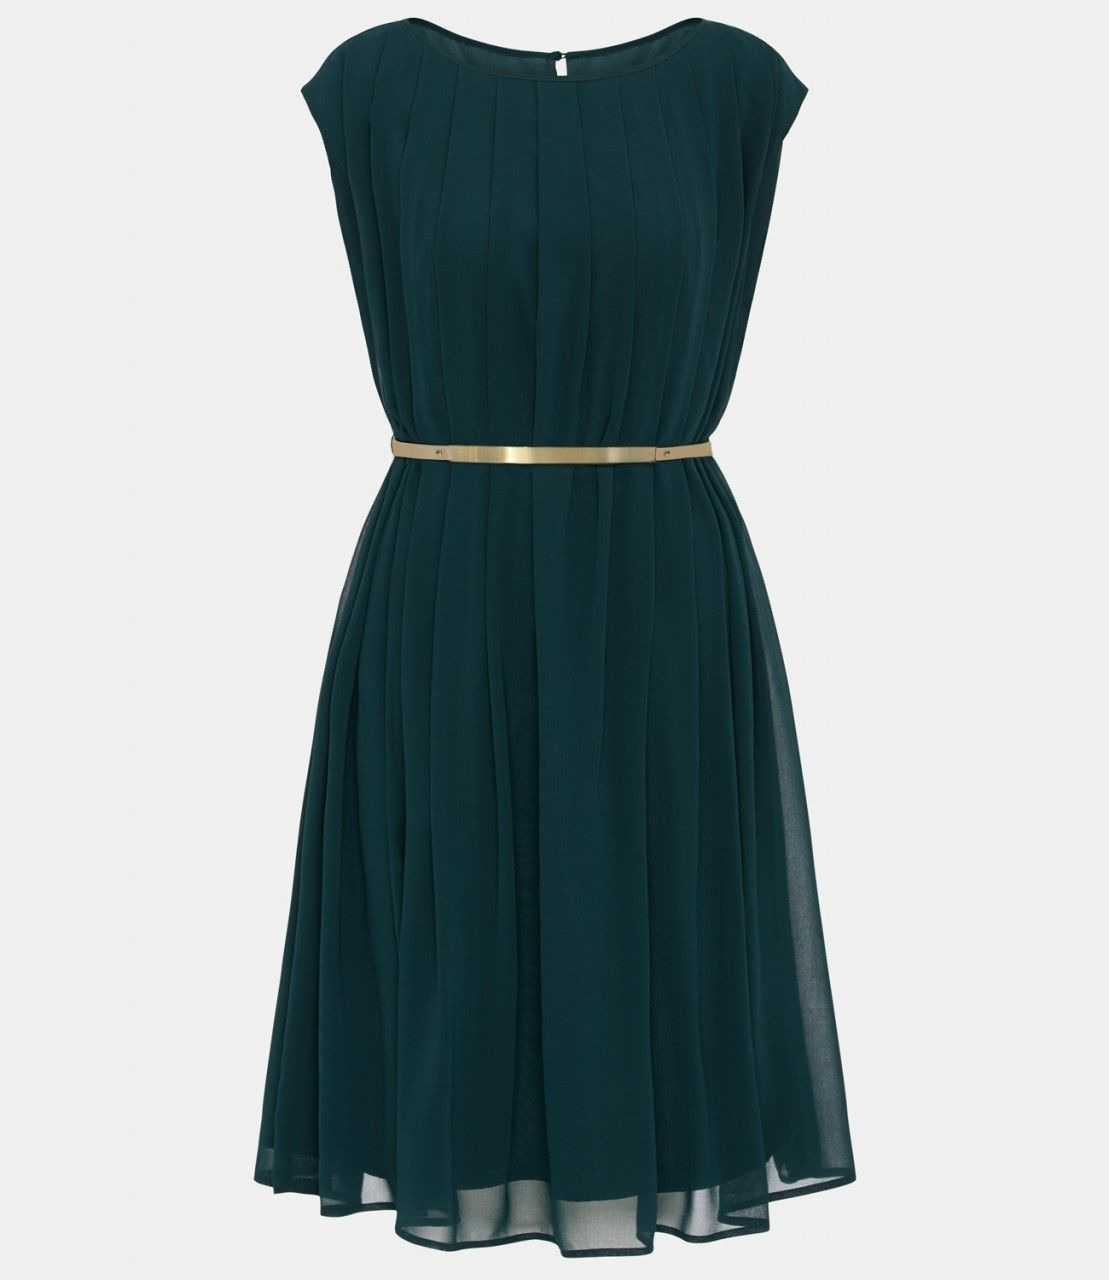 Spektakulär Abendkleid Tannengrün Stylish15 Genial Abendkleid Tannengrün Design